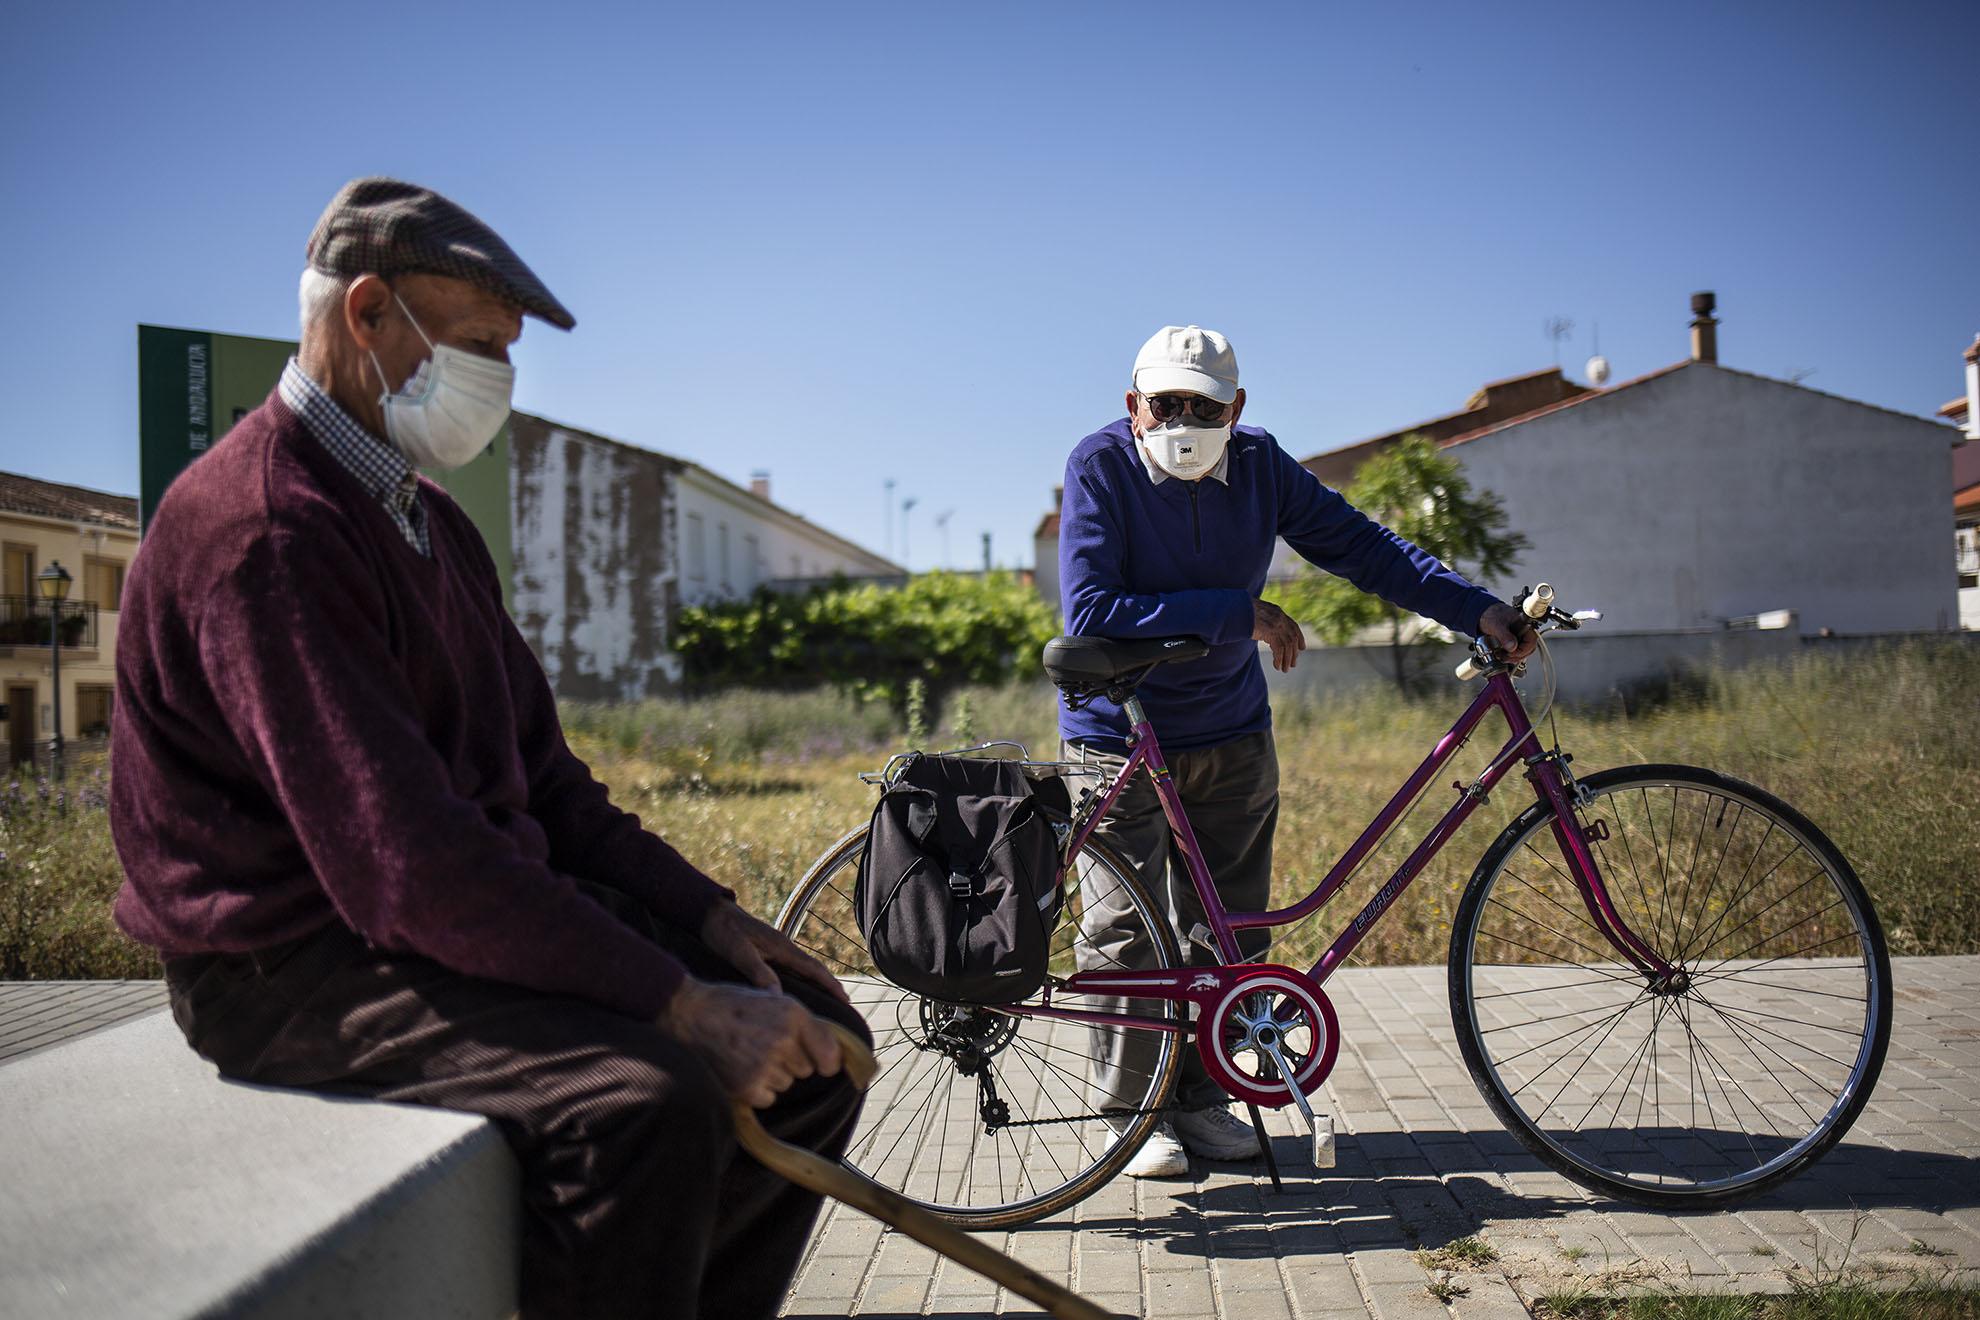 """Son las 11 de la mañana y Andrés, que mañana (por hoy) cumple 90 años, se toma el primer descanso del paseo. Paco, de 92, llega con su bicicleta y se ponen a hablar de los tiempos de entonces, cuando de mocicos en vez de COVID-19 se contagiaban de viruela y sarna. La sarna la curaban con vinagre, azufre y limón, """"porque era lo único que había"""". De la viruela se escapaban por suerte """"porque no había vacuna ni ná"""". Recuerdan aquellos años de hambre y carencias, donde la harina de trigo sabía a arenilla porque algunos vendedores las mezclaban para que pesaran más. Y los días que no había para comer ni aquella harina arenosa, consolaban el dolor de tripa del hambre comiendo algarrobas. Después de tanto pasado este virus no parece ni tan malo. Tocan las campanas de las 12 en la Iglesia de Santa María de Huéscar (Granada). Se acabó el paseo por hoy. Y Andrés se despide de Paco: """"yo estoy bien, pero lo del Paco es que no veas. Míralo, todavía se sube a la bici de correntilla"""". Sin dar tiempo a terminar la frase, Paco ya dobla la esquina como si fuera un chaval."""